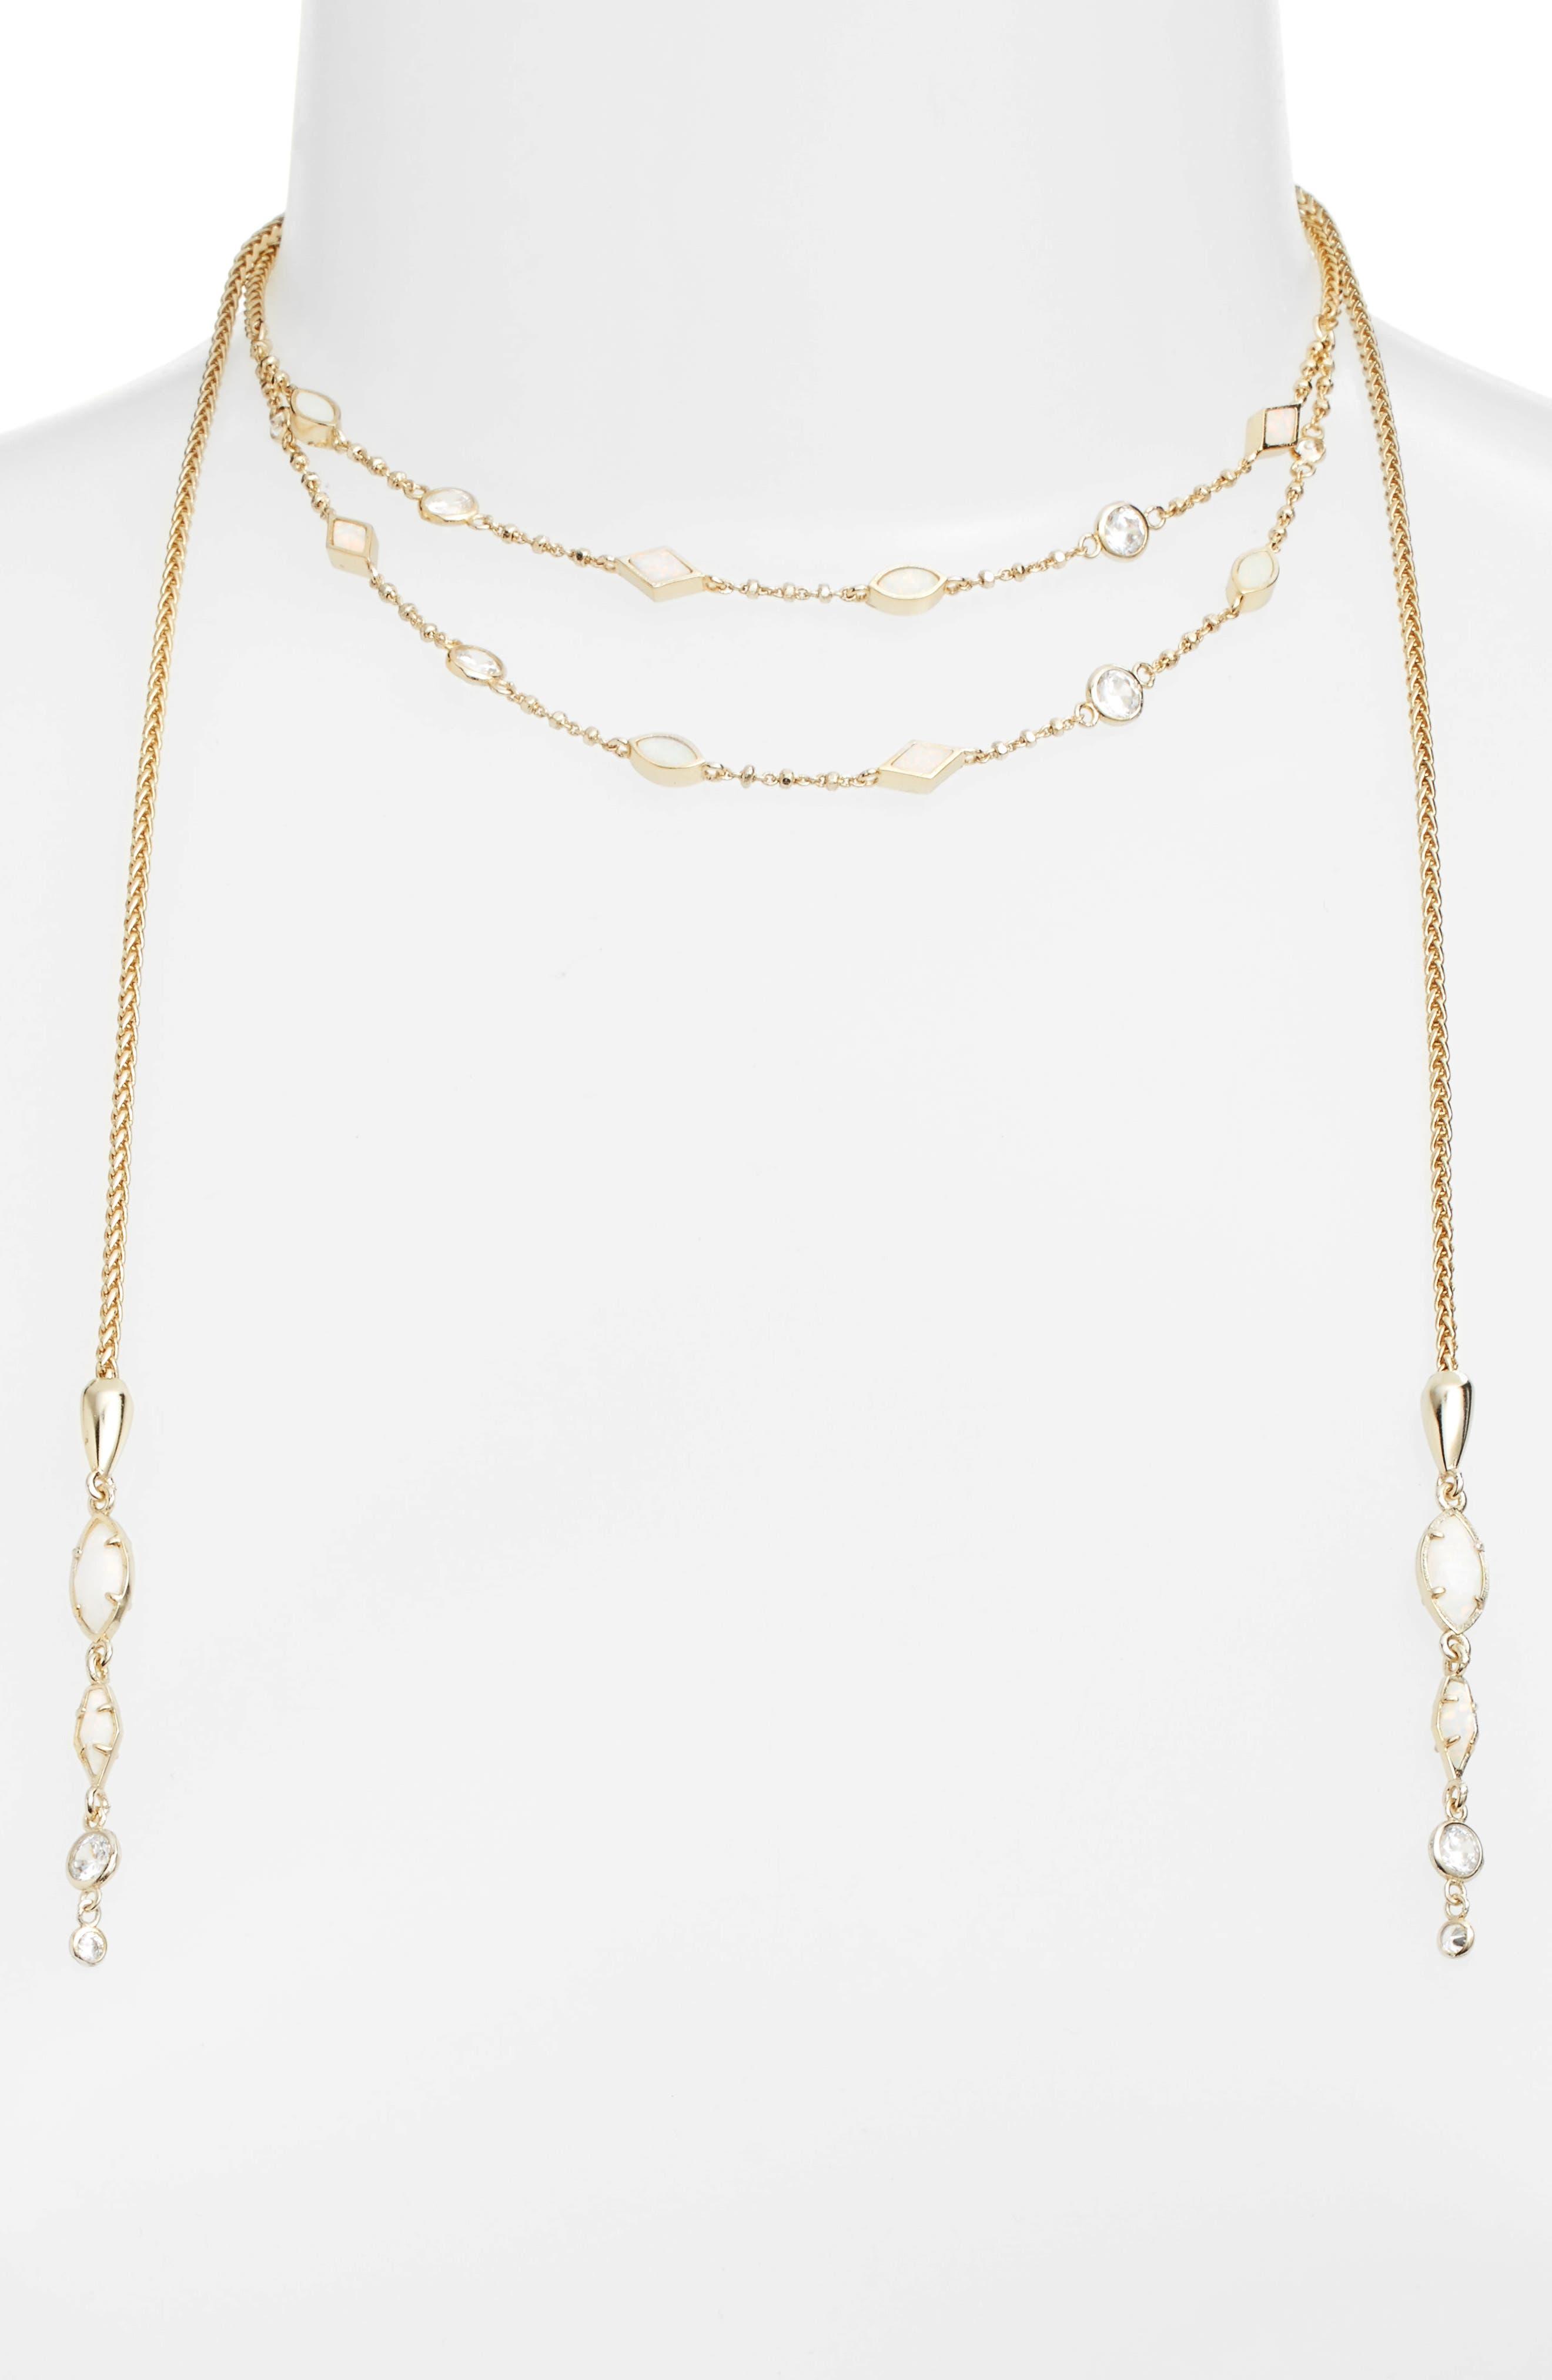 Emelina Wrap Necklace,                             Main thumbnail 1, color,                             Ivory Zellige/ Gold